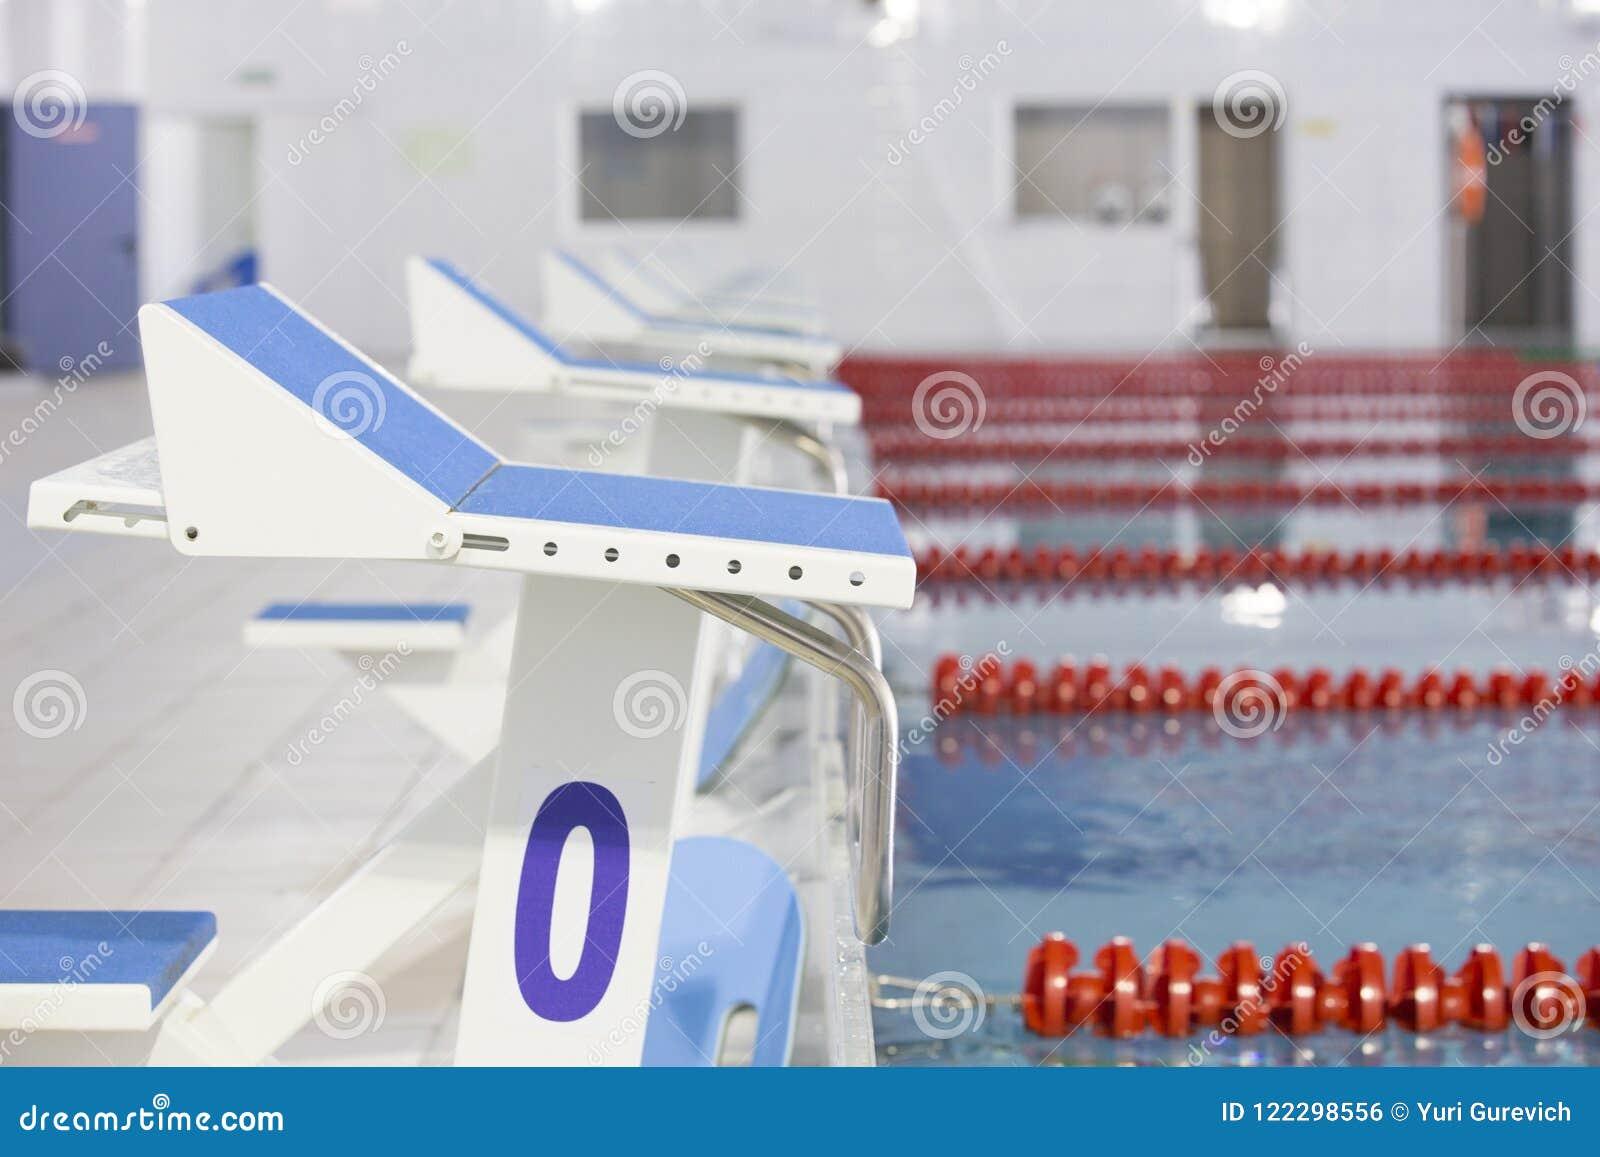 Position de début avec la piscine du numéro 0 en concurrence